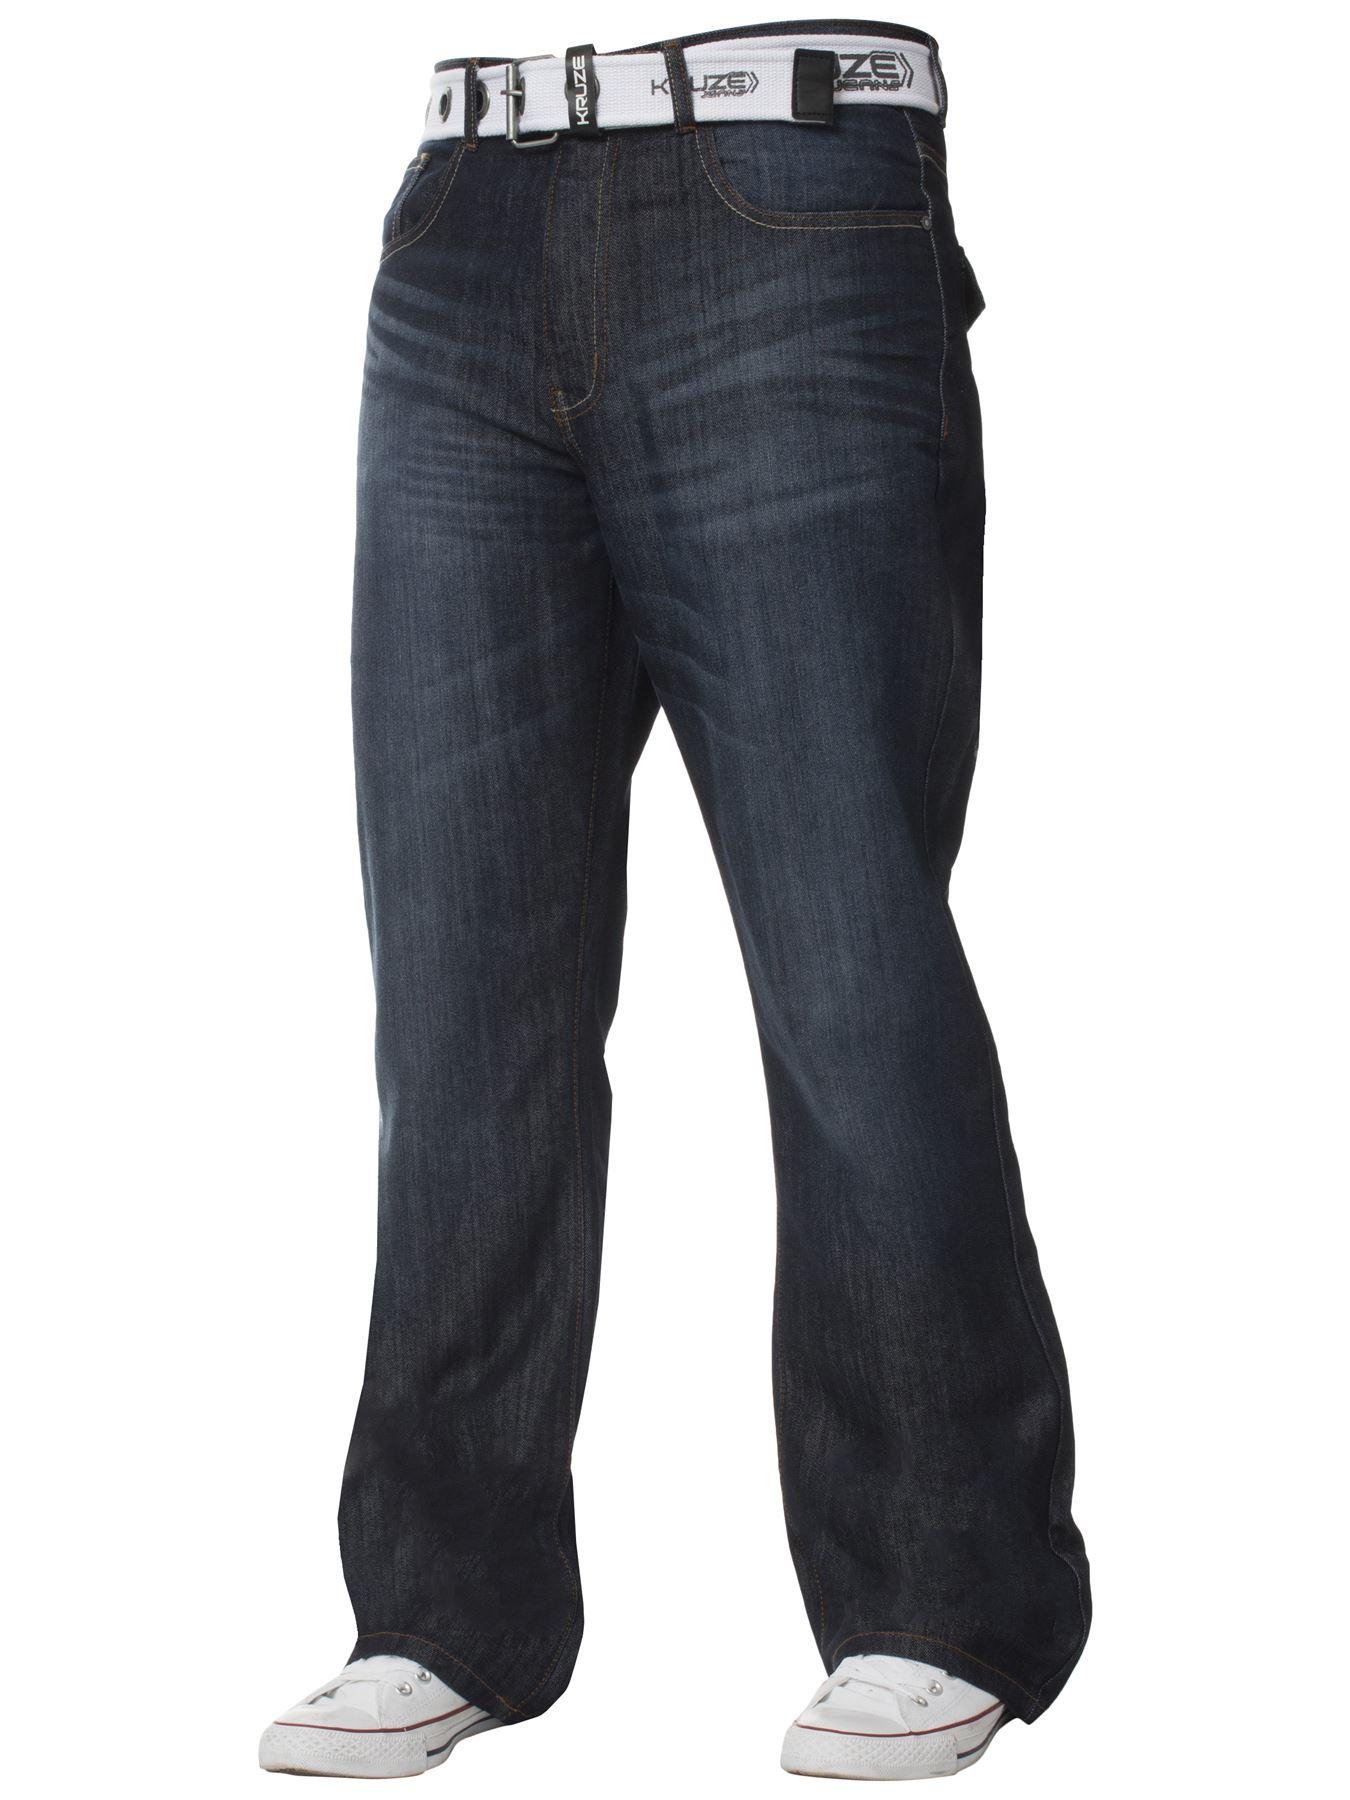 Kruze-Herren-Bootcut-Jeans-Ausgestellt-Weites-Bein-Denim-Hose-Gross-Hoch-Koenig Indexbild 15